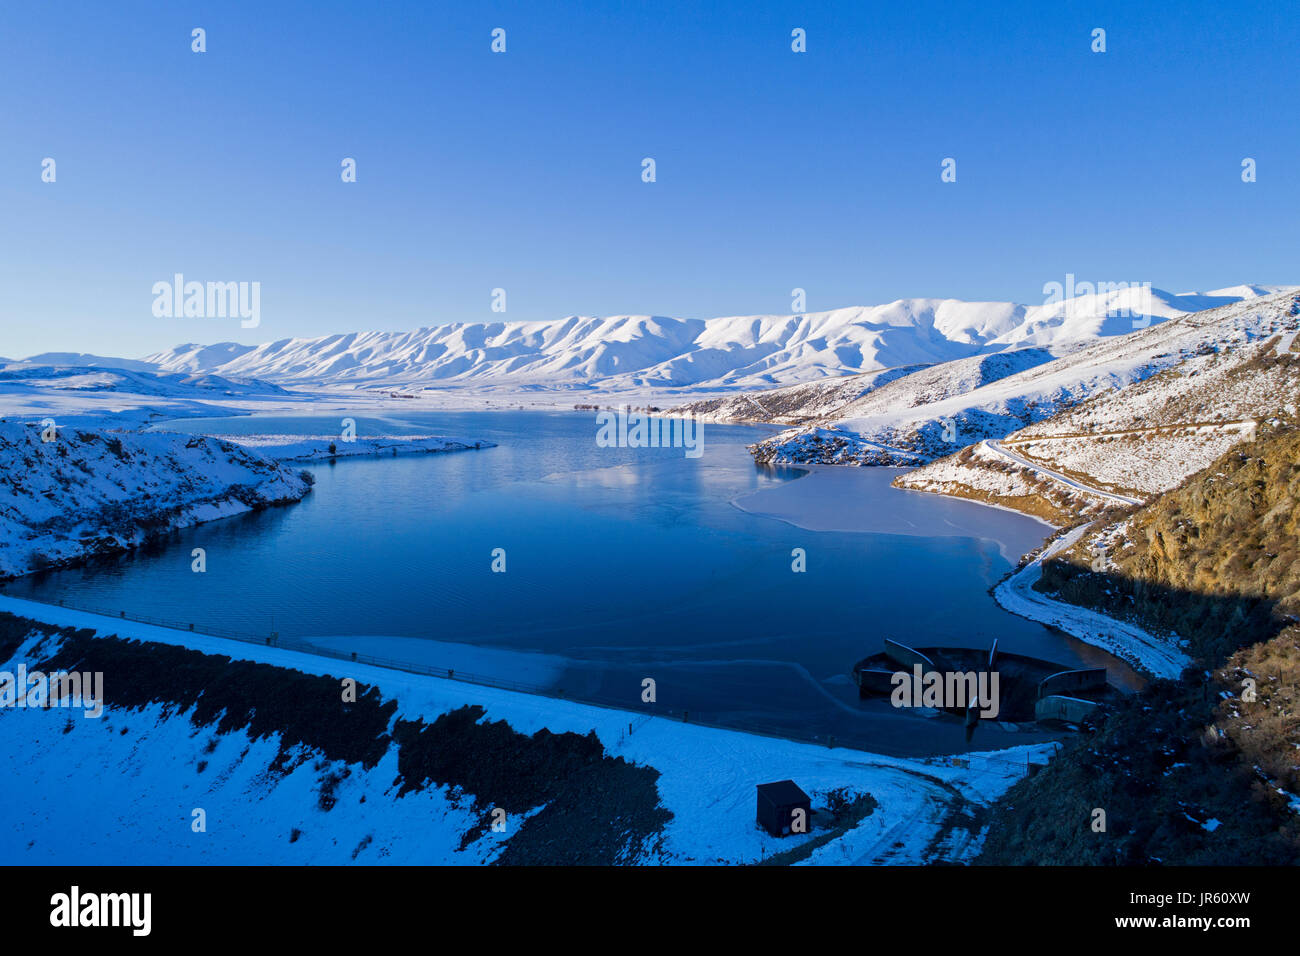 Falls Dam y gama Hawkdun en invierno, Maniototo, Central Otago, Isla del Sur, Nueva Zelanda - antena drone Foto de stock